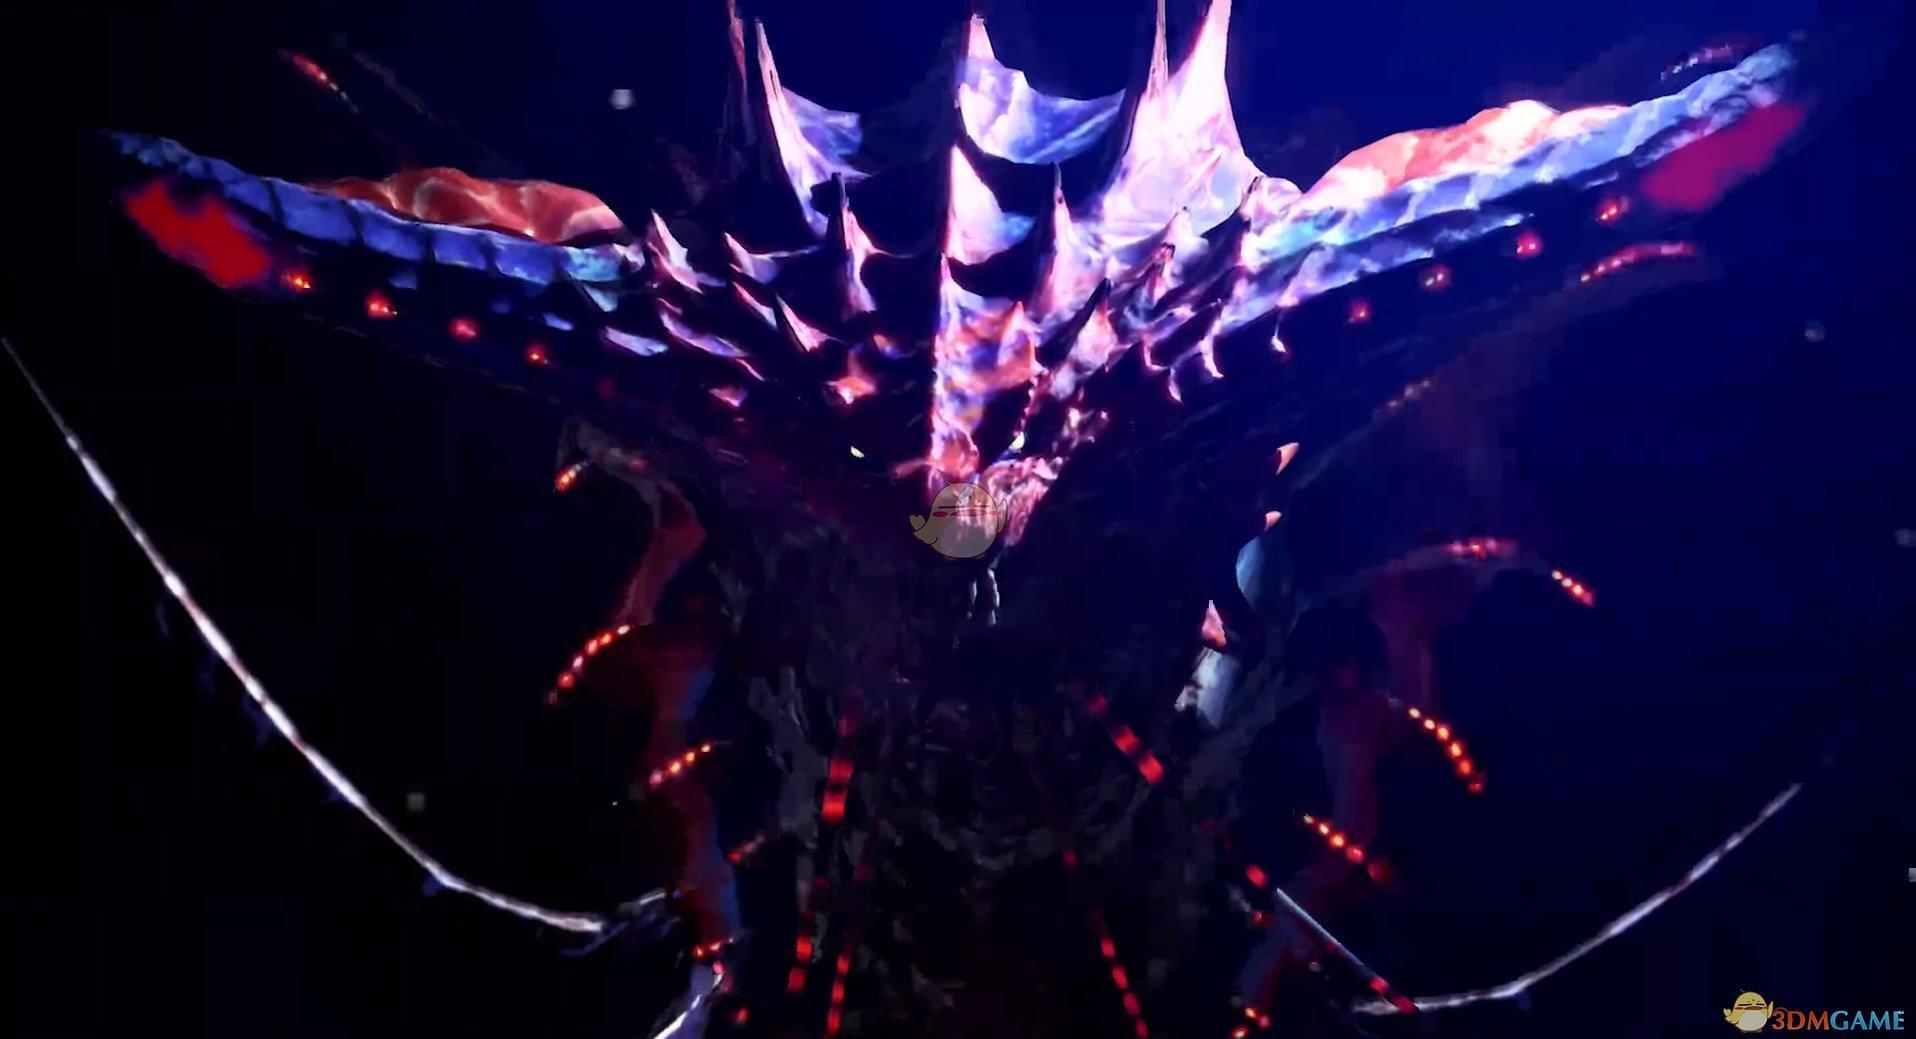 《怪物猎人:世界》冰原DLC飞翔爪反击架势使用方法分享